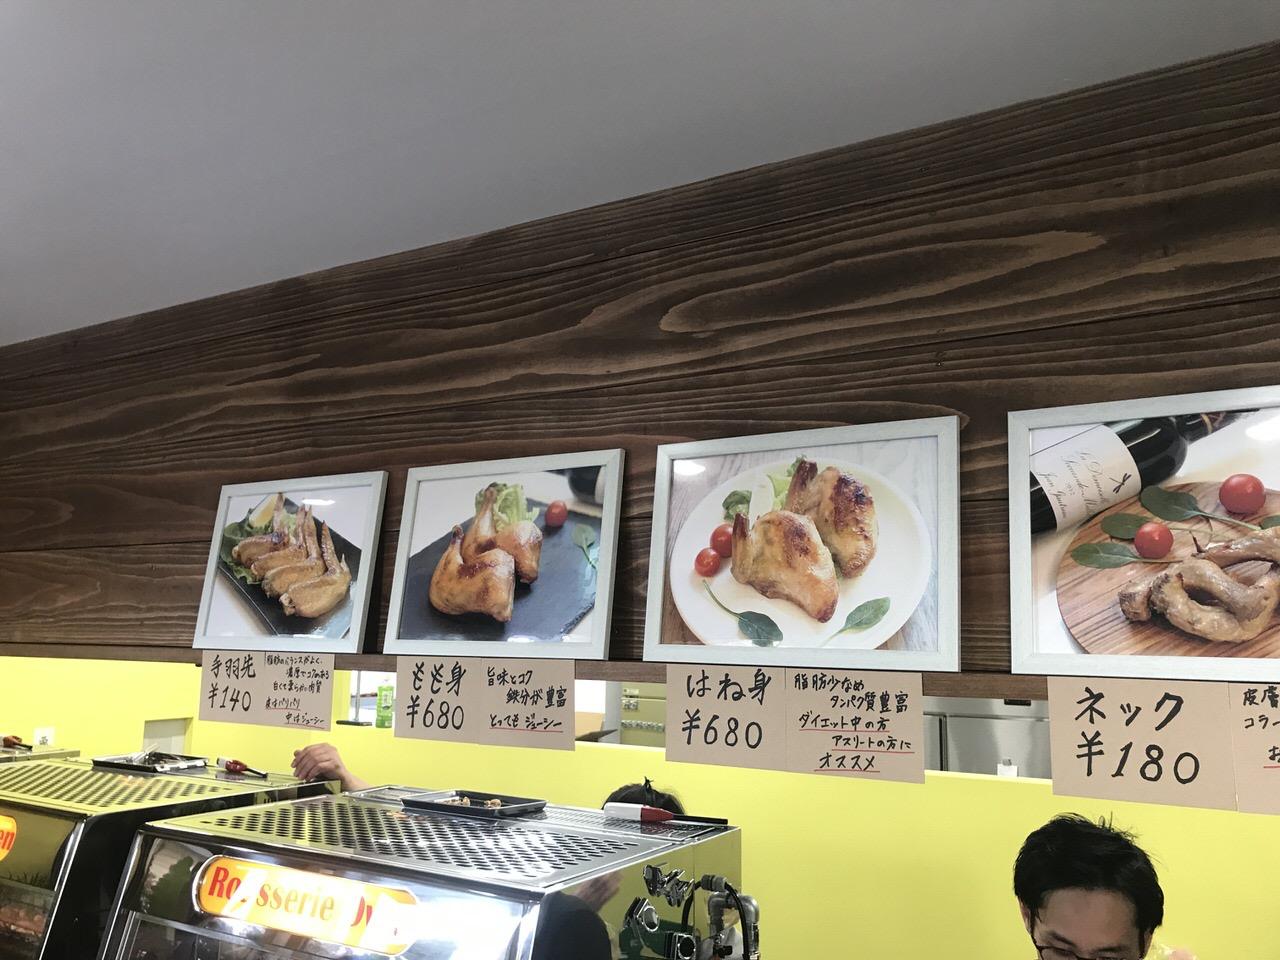 ローストチキンコオロギ浦和店 メニュー 1